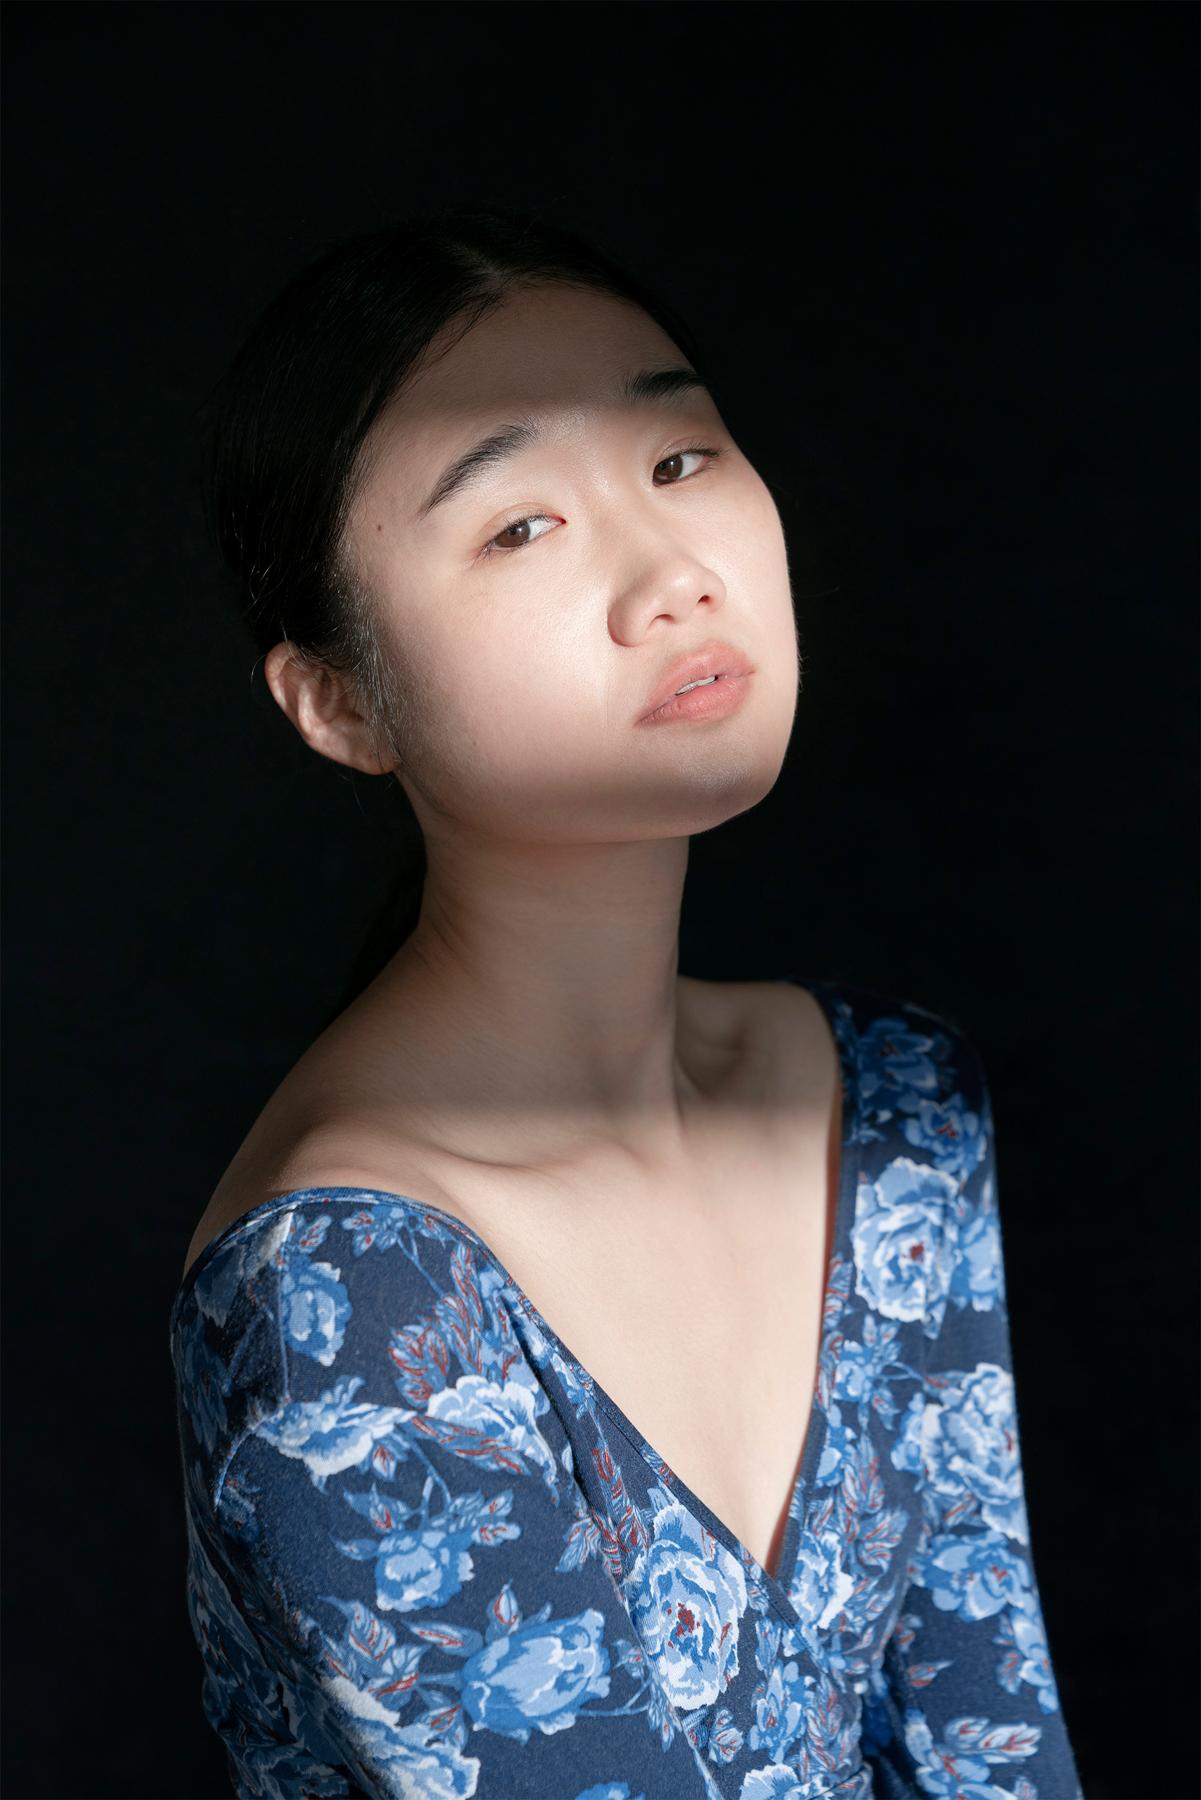 Portraits-01